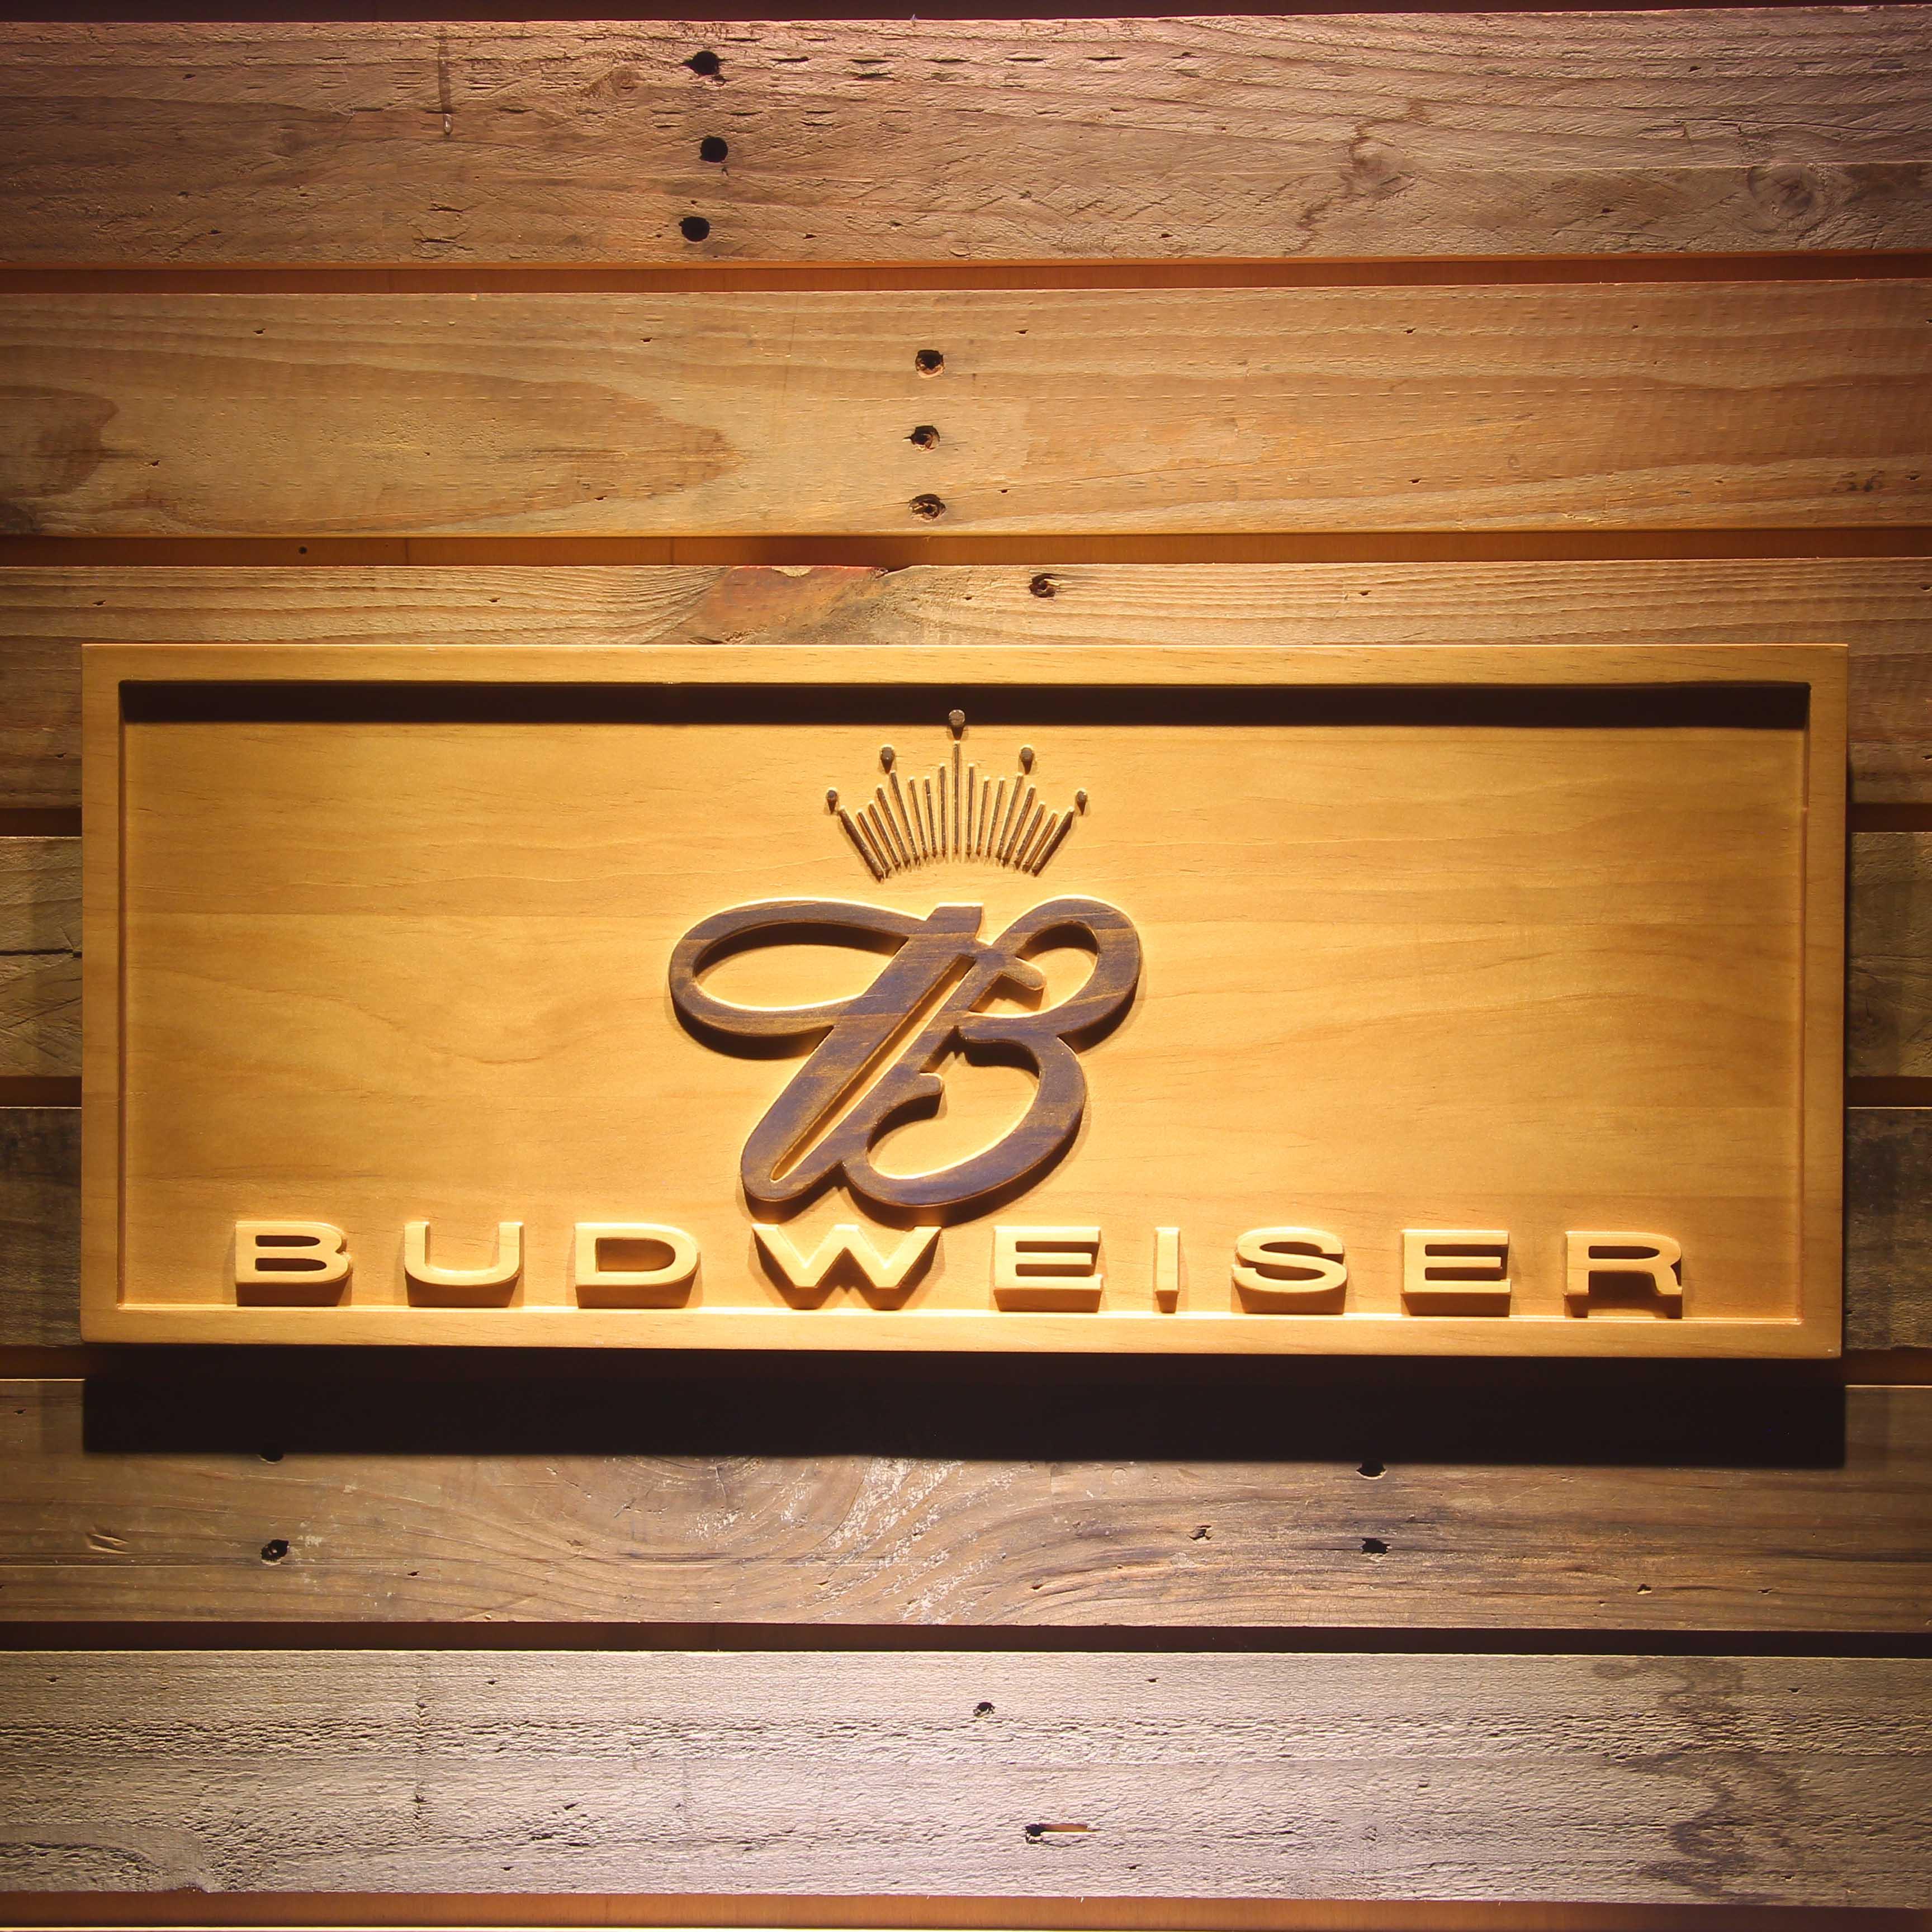 Budweiser König Bier 3D Holz Zeichen in Budweiser König Bier 3D Holz ...